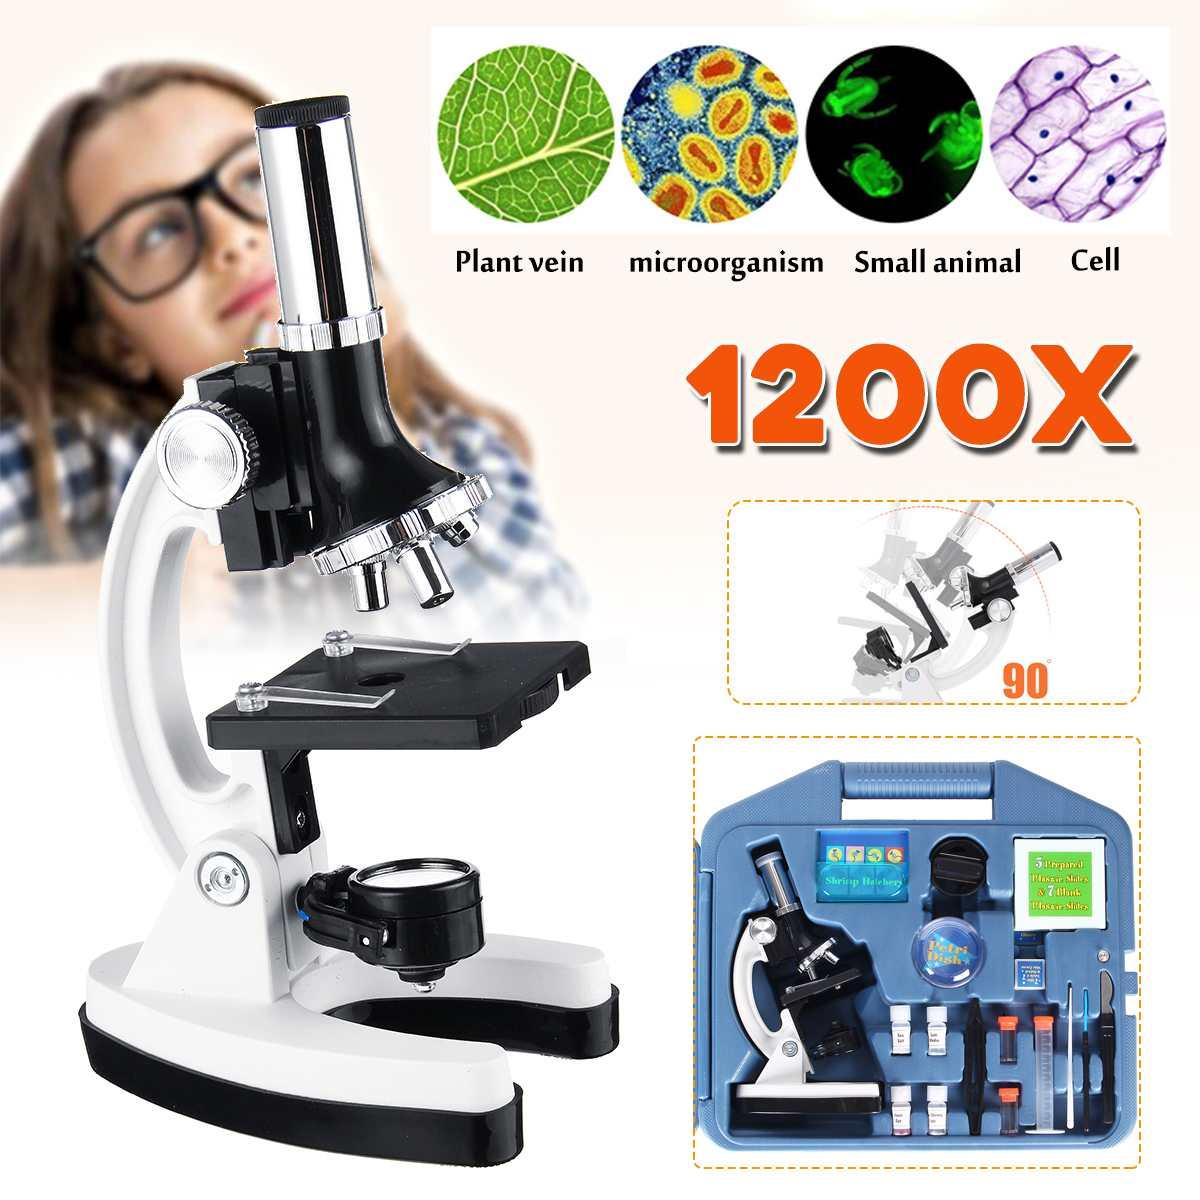 Zeast 300/600/1200X Kit de Microscope étudiant LED de laboratoire à domicile école jouet éducatif cadeau Microscope biologique pour enfants ensemble d'outils